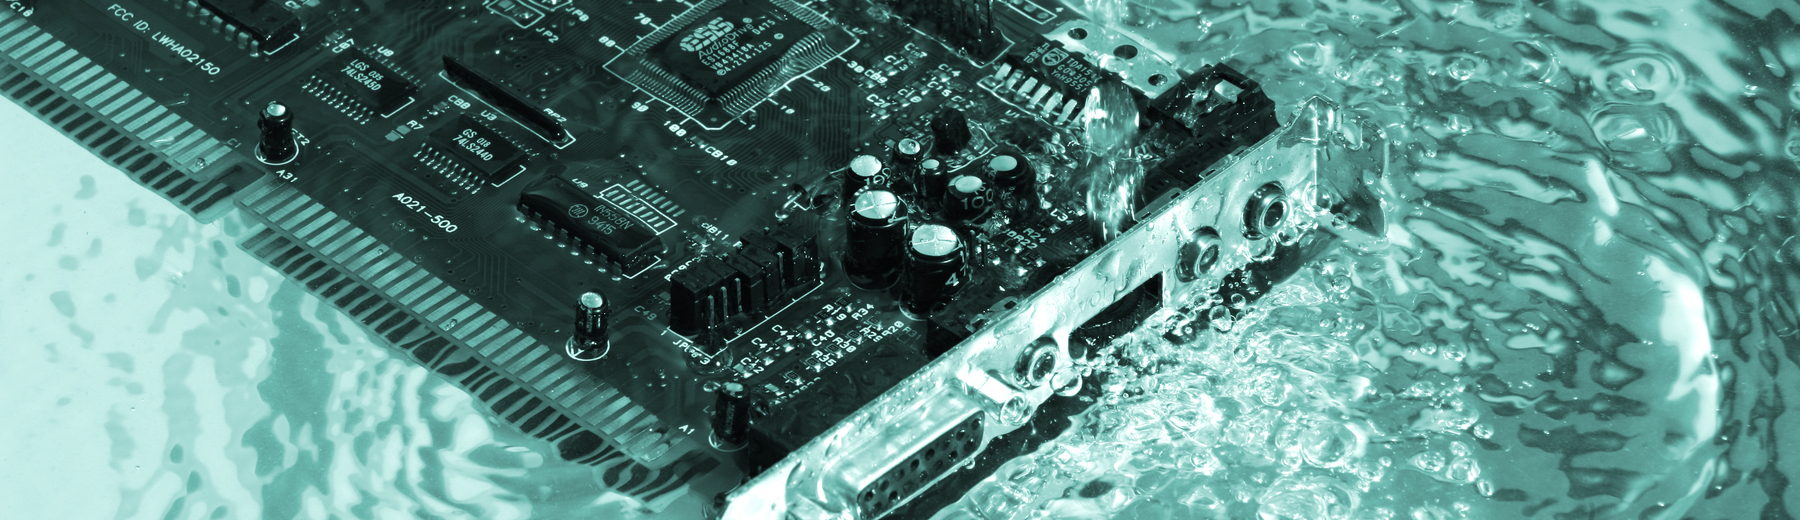 Circuit board in water